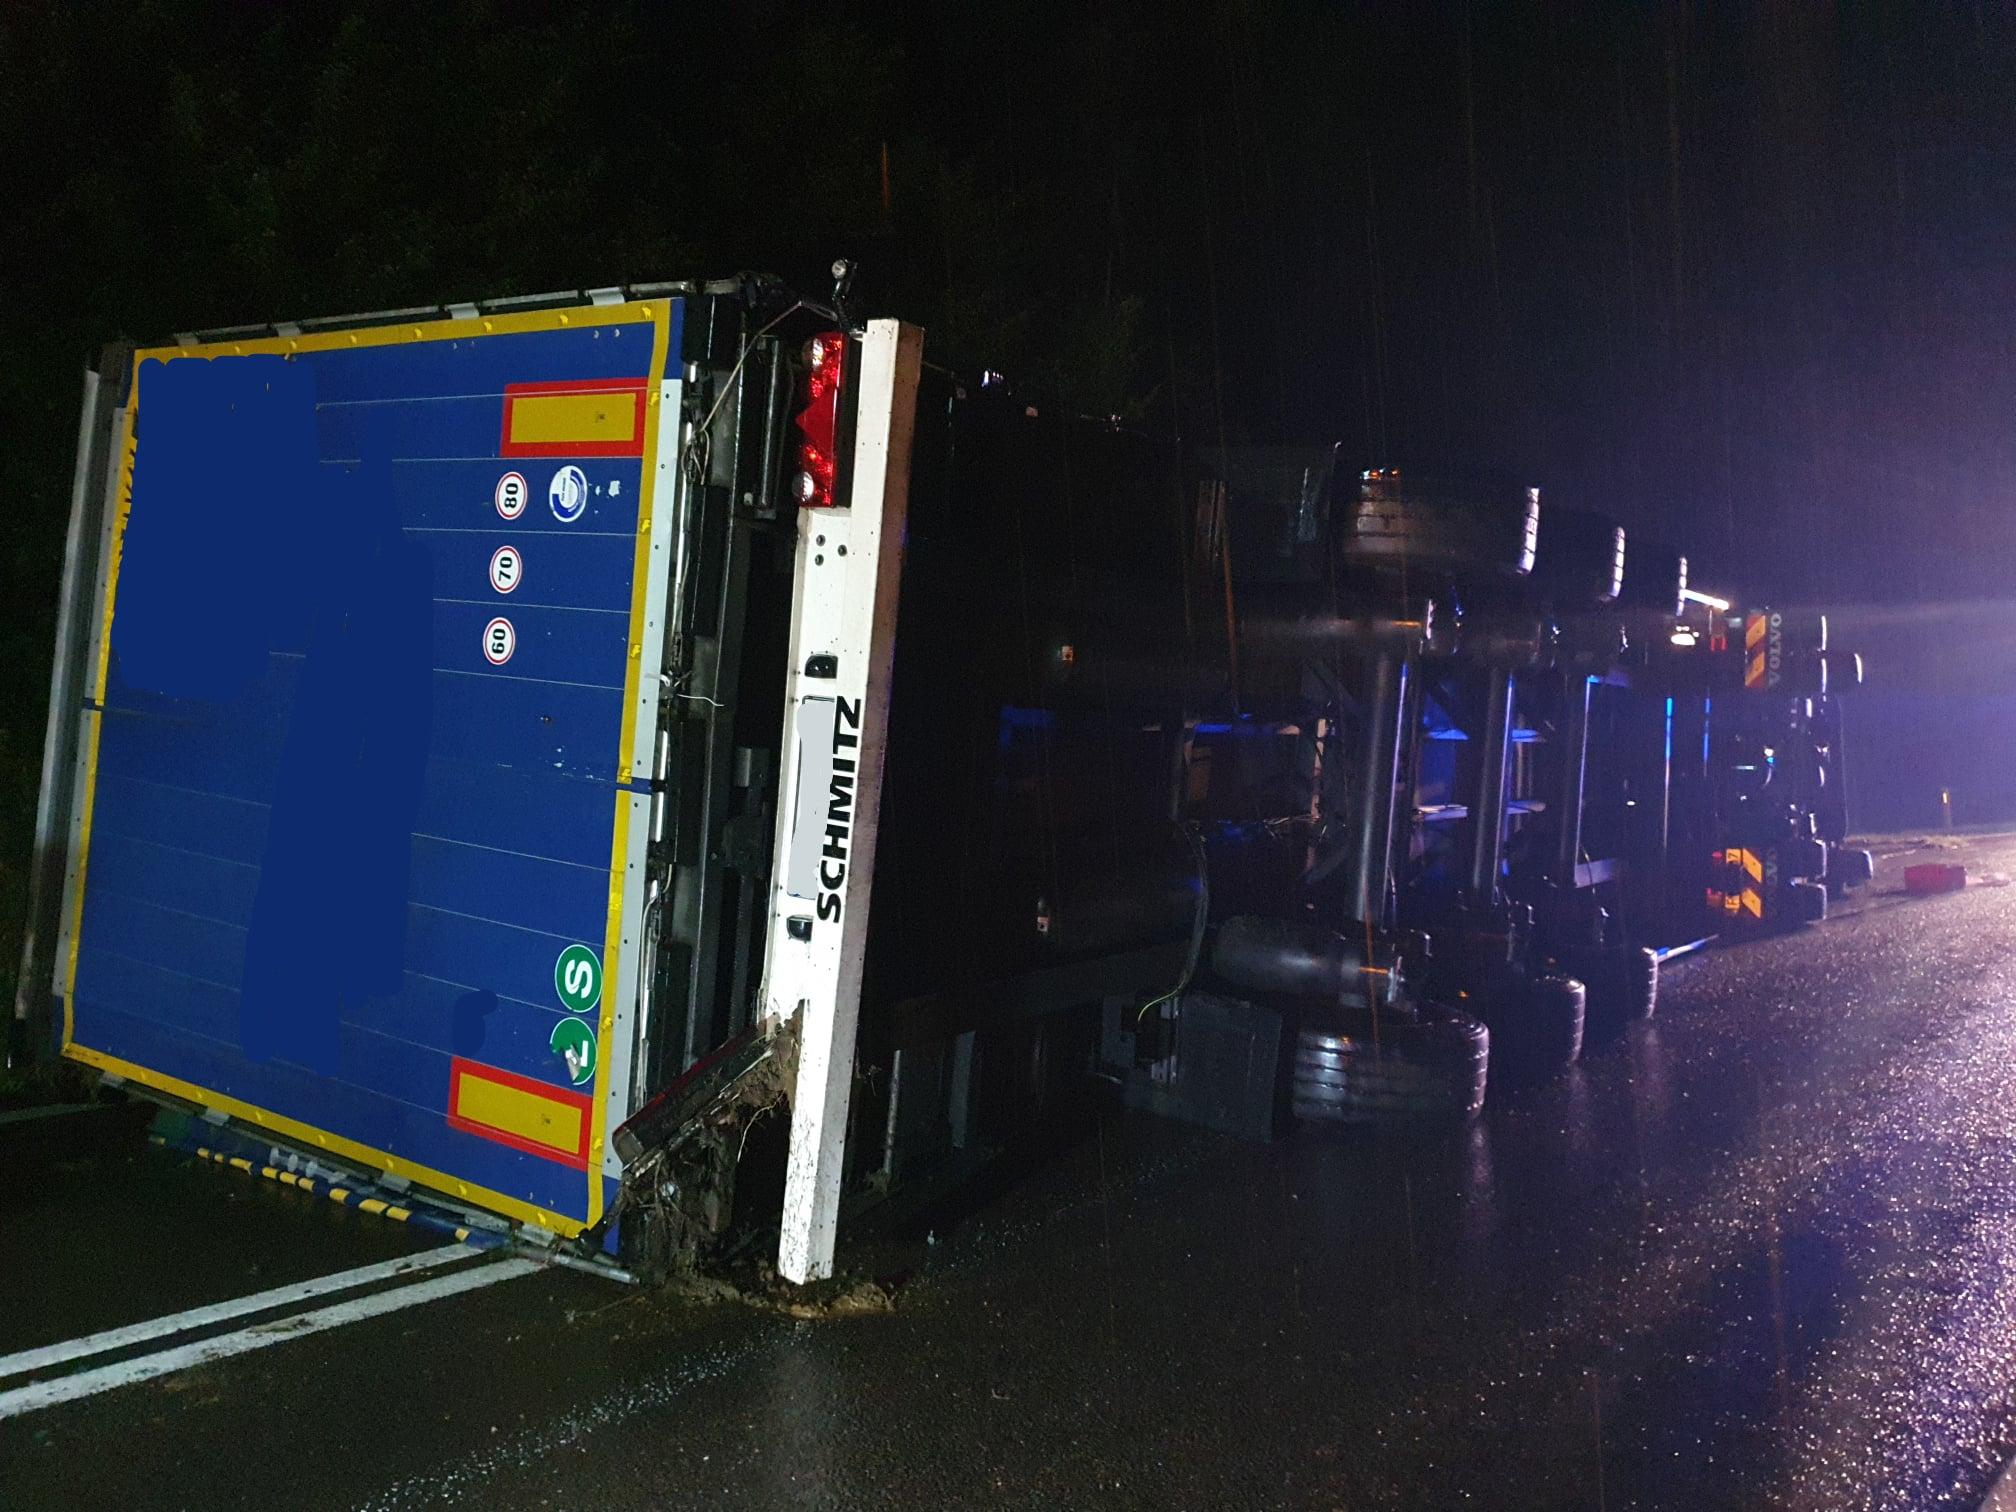 Ciężarówka wypadła z trasy. Droga krajowa numer 19 była zablokowana [MAPA] - Zdjęcie główne